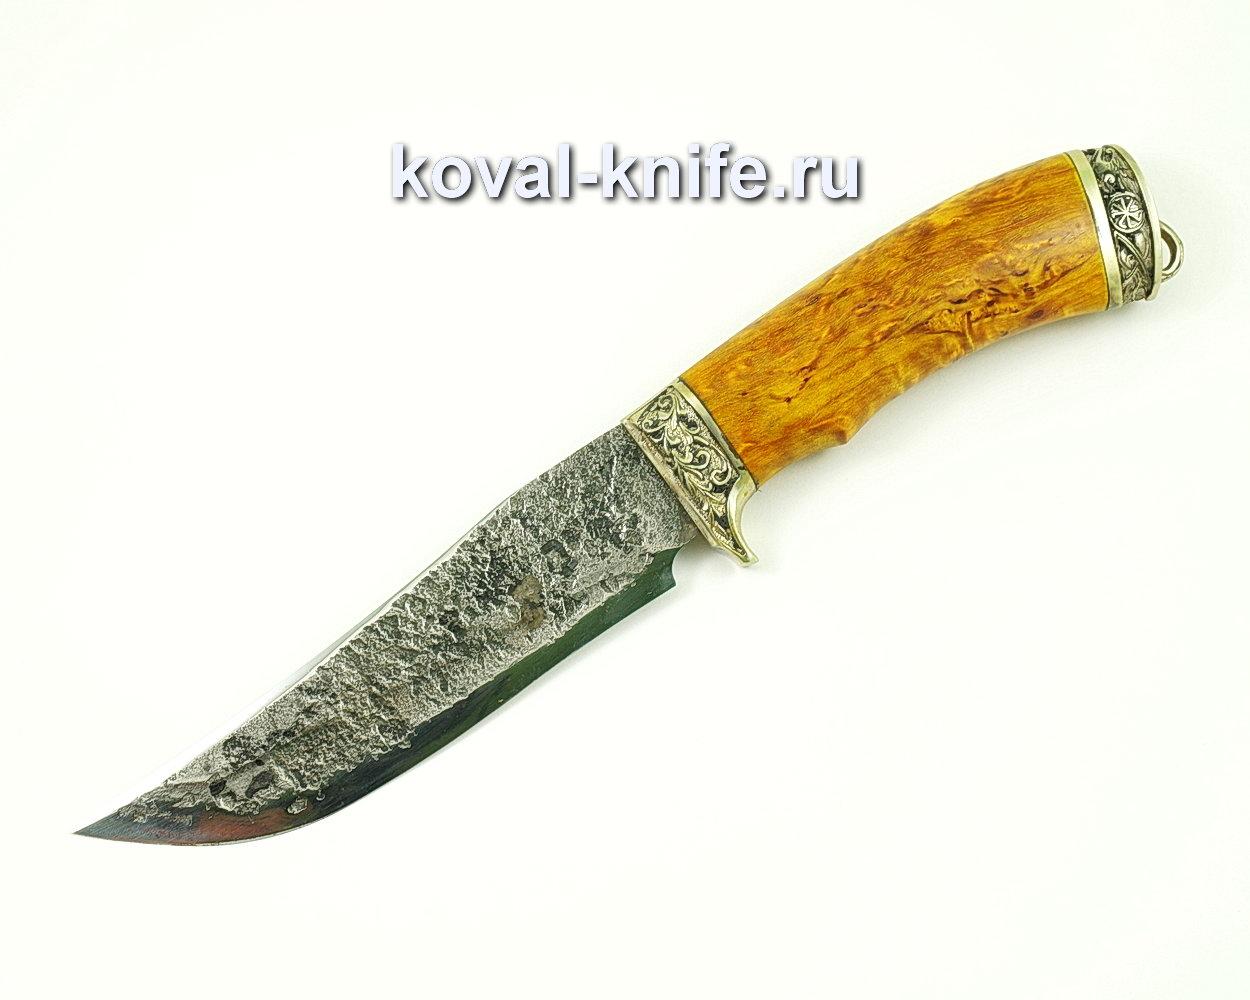 Нож Клыч из стали 9хс (рукоять карельская береза, литье) A399